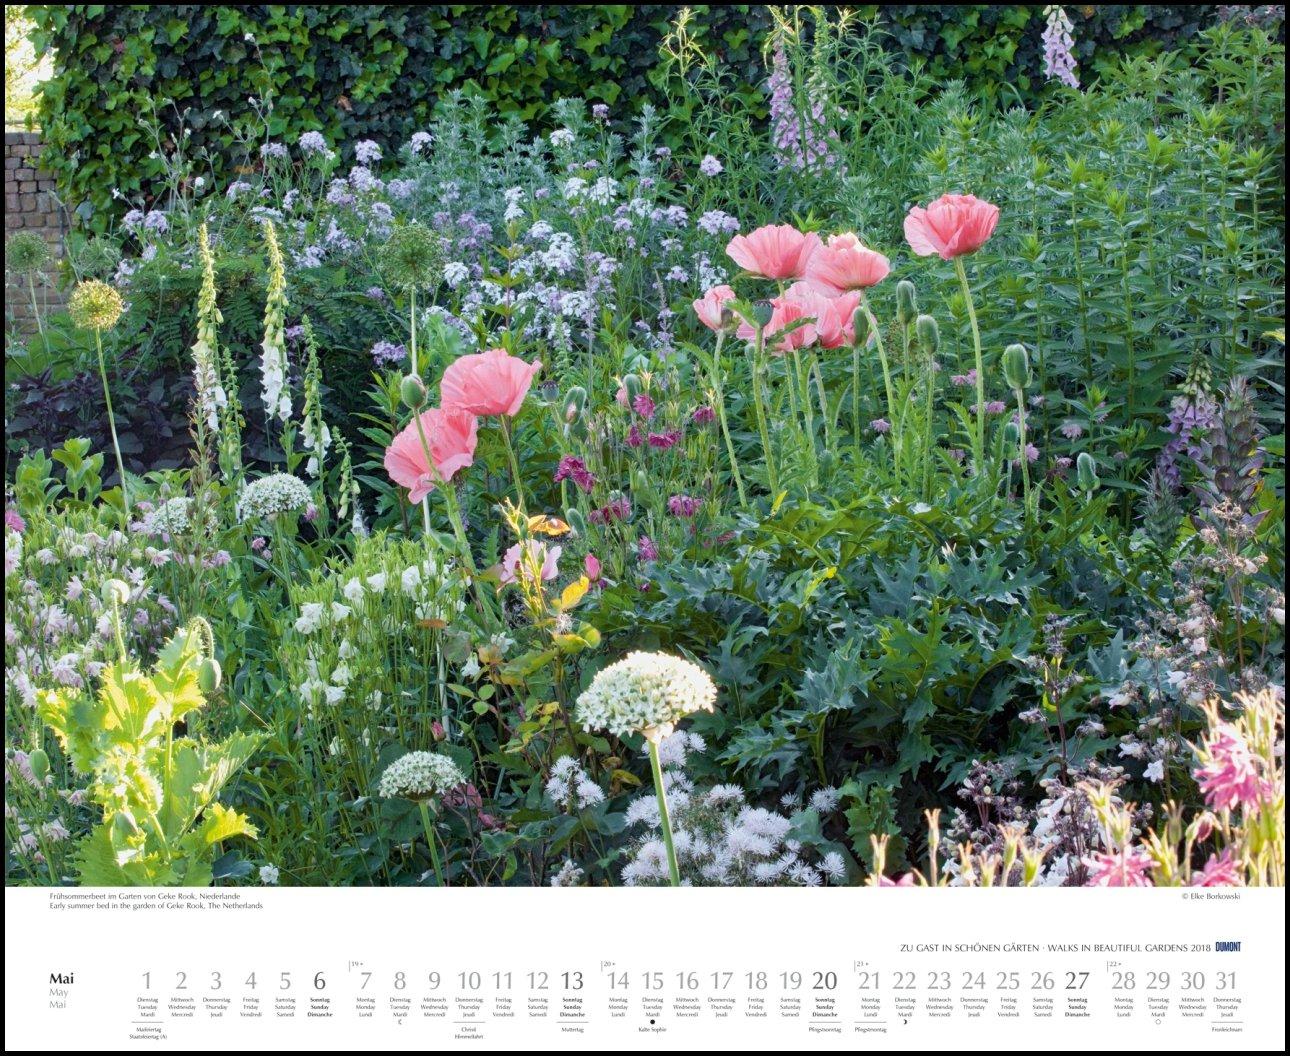 Zu Gast In Schönen Gärten 2018 Dumont Garten Kalender